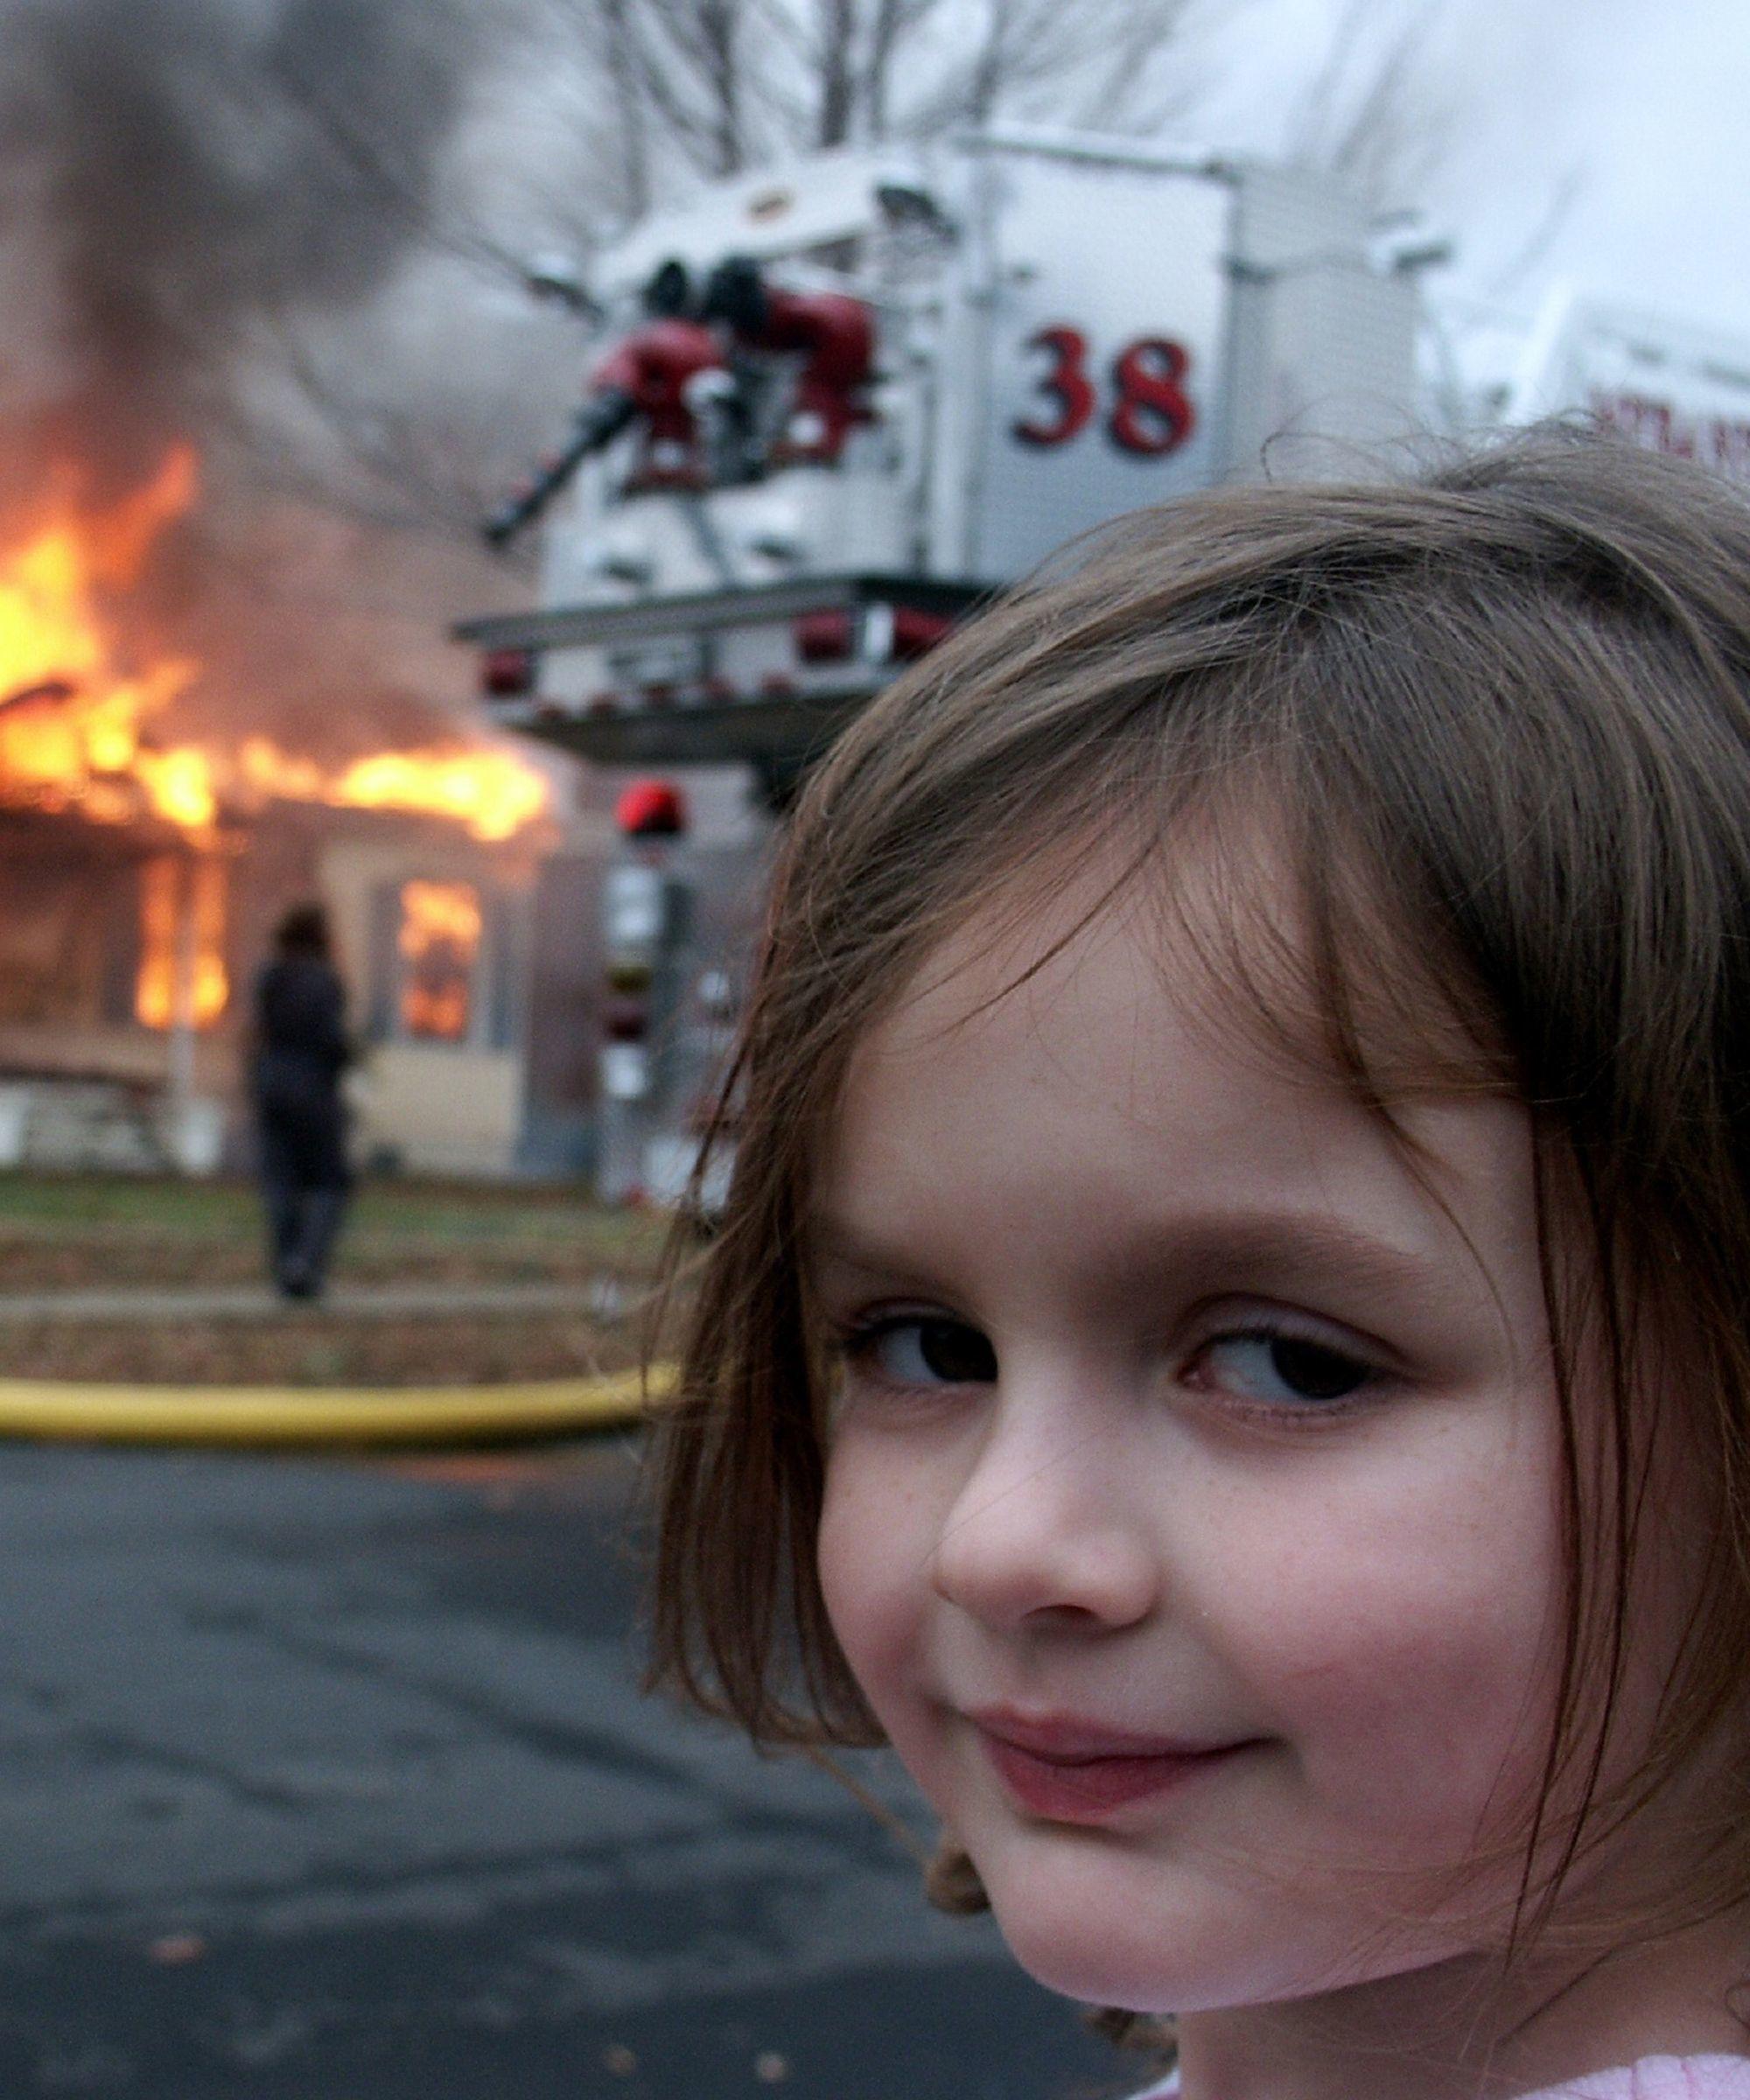 Dulu Jadi Meme 'Disaster Girl', Ini 10 Potret Zoe Roth Sekarang